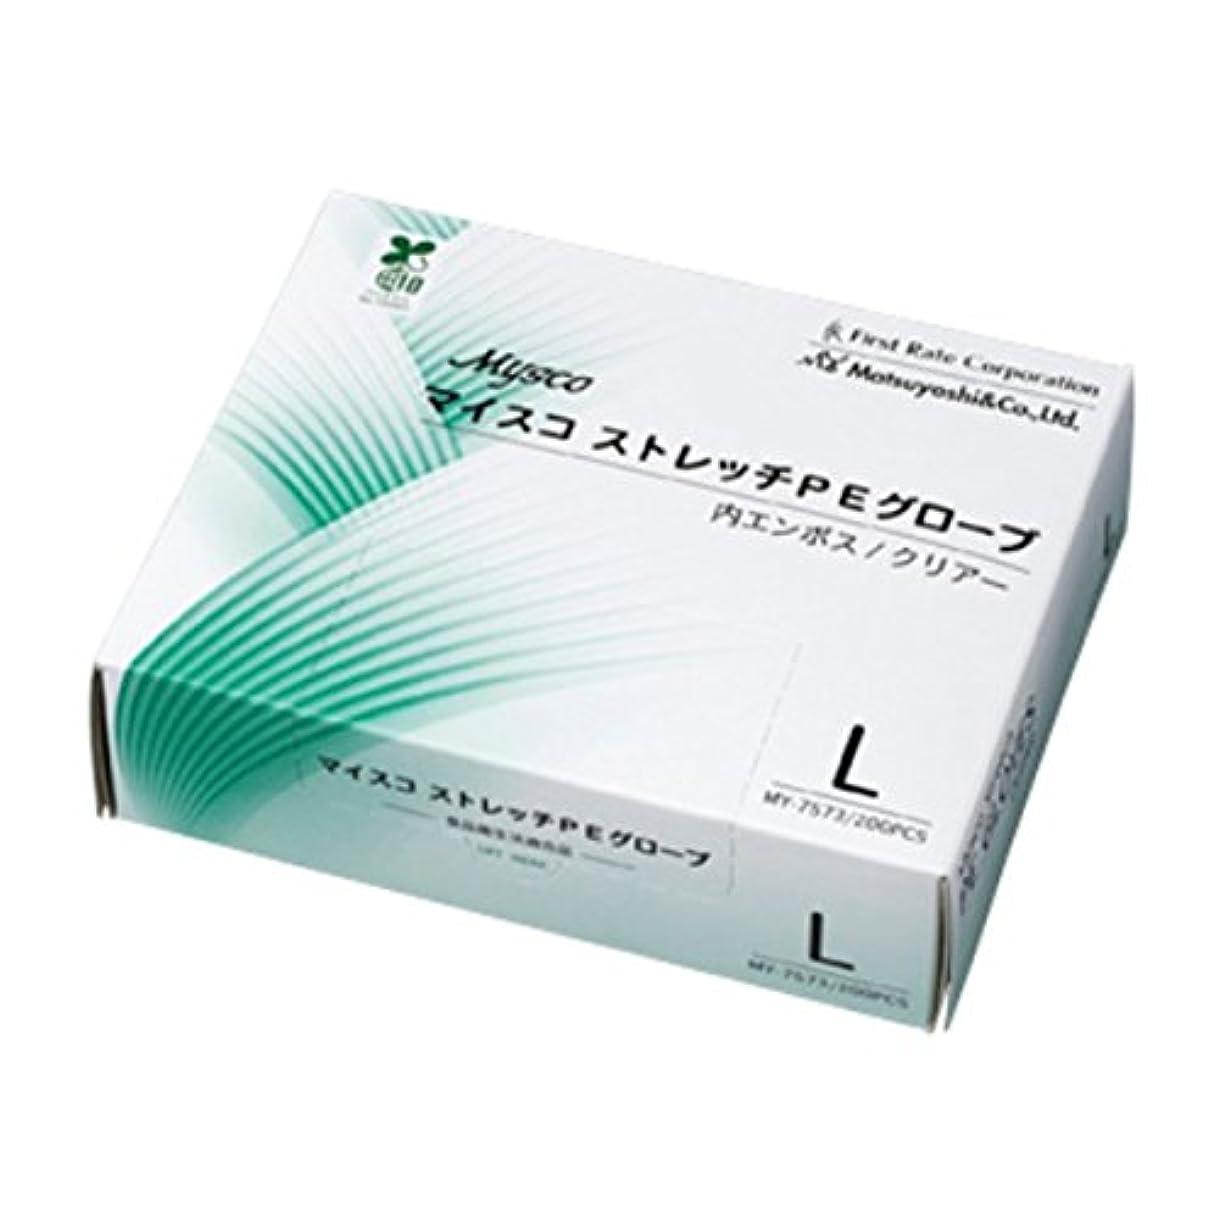 ガイド素朴な最小【ケース販売】マイスコ ストレッチPEグローブ L 200枚入×40箱